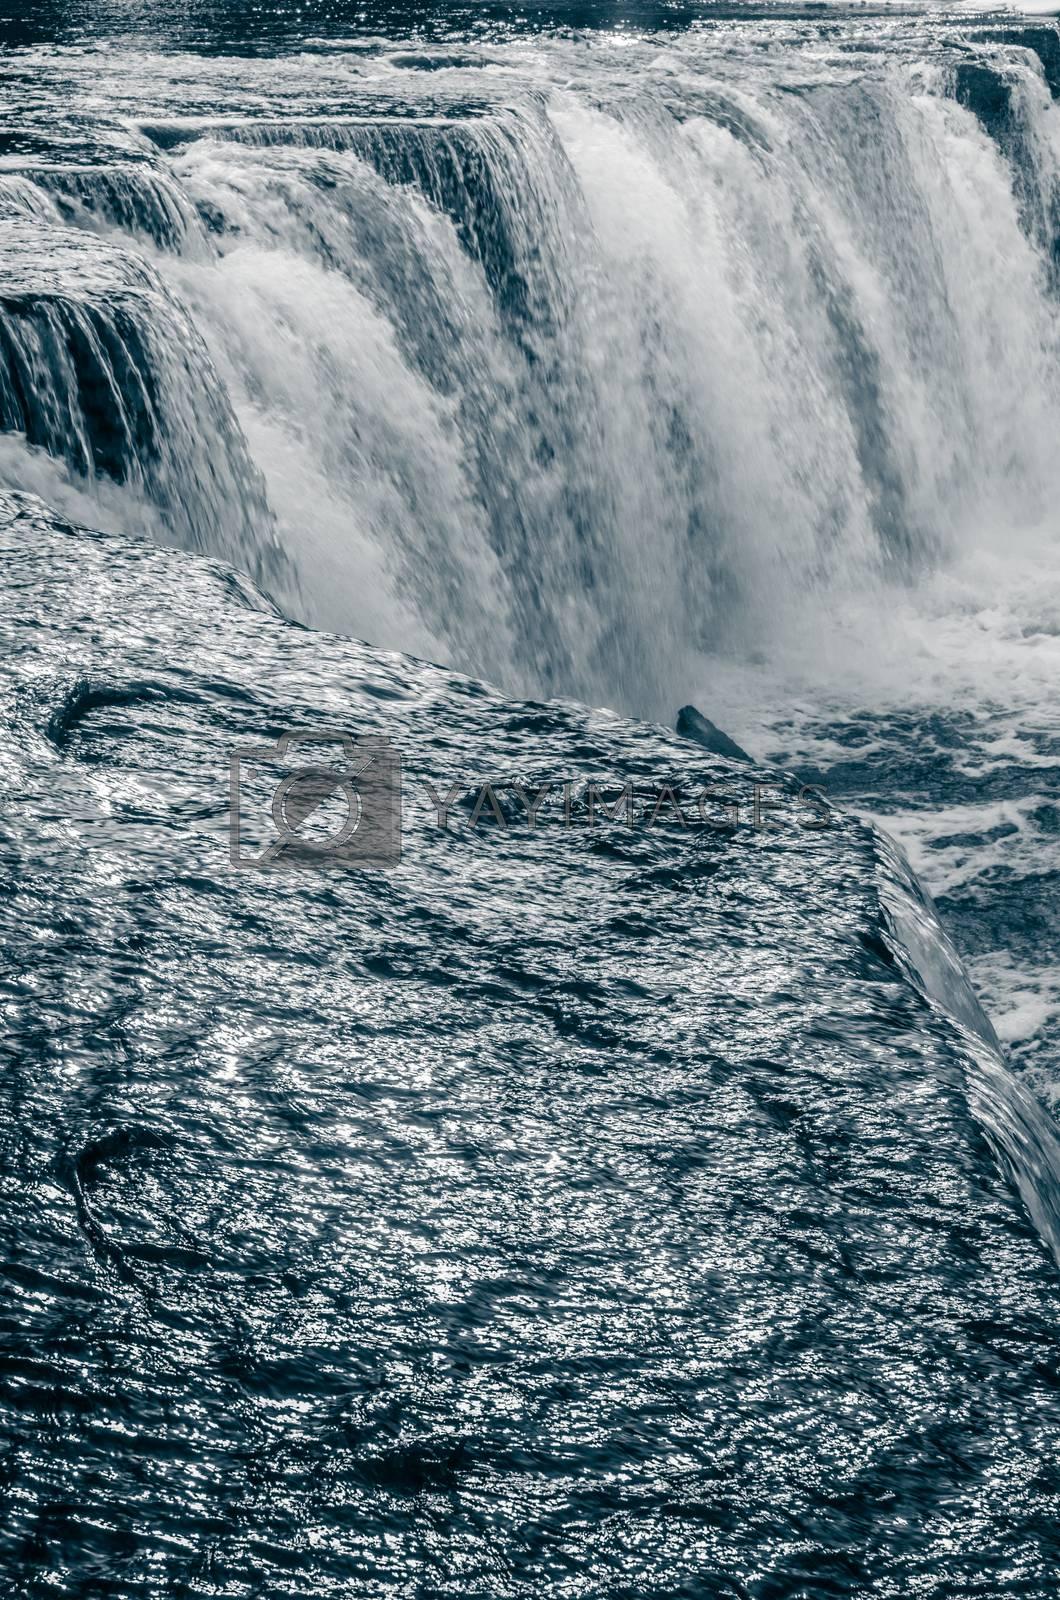 Waterfall close-up, toning